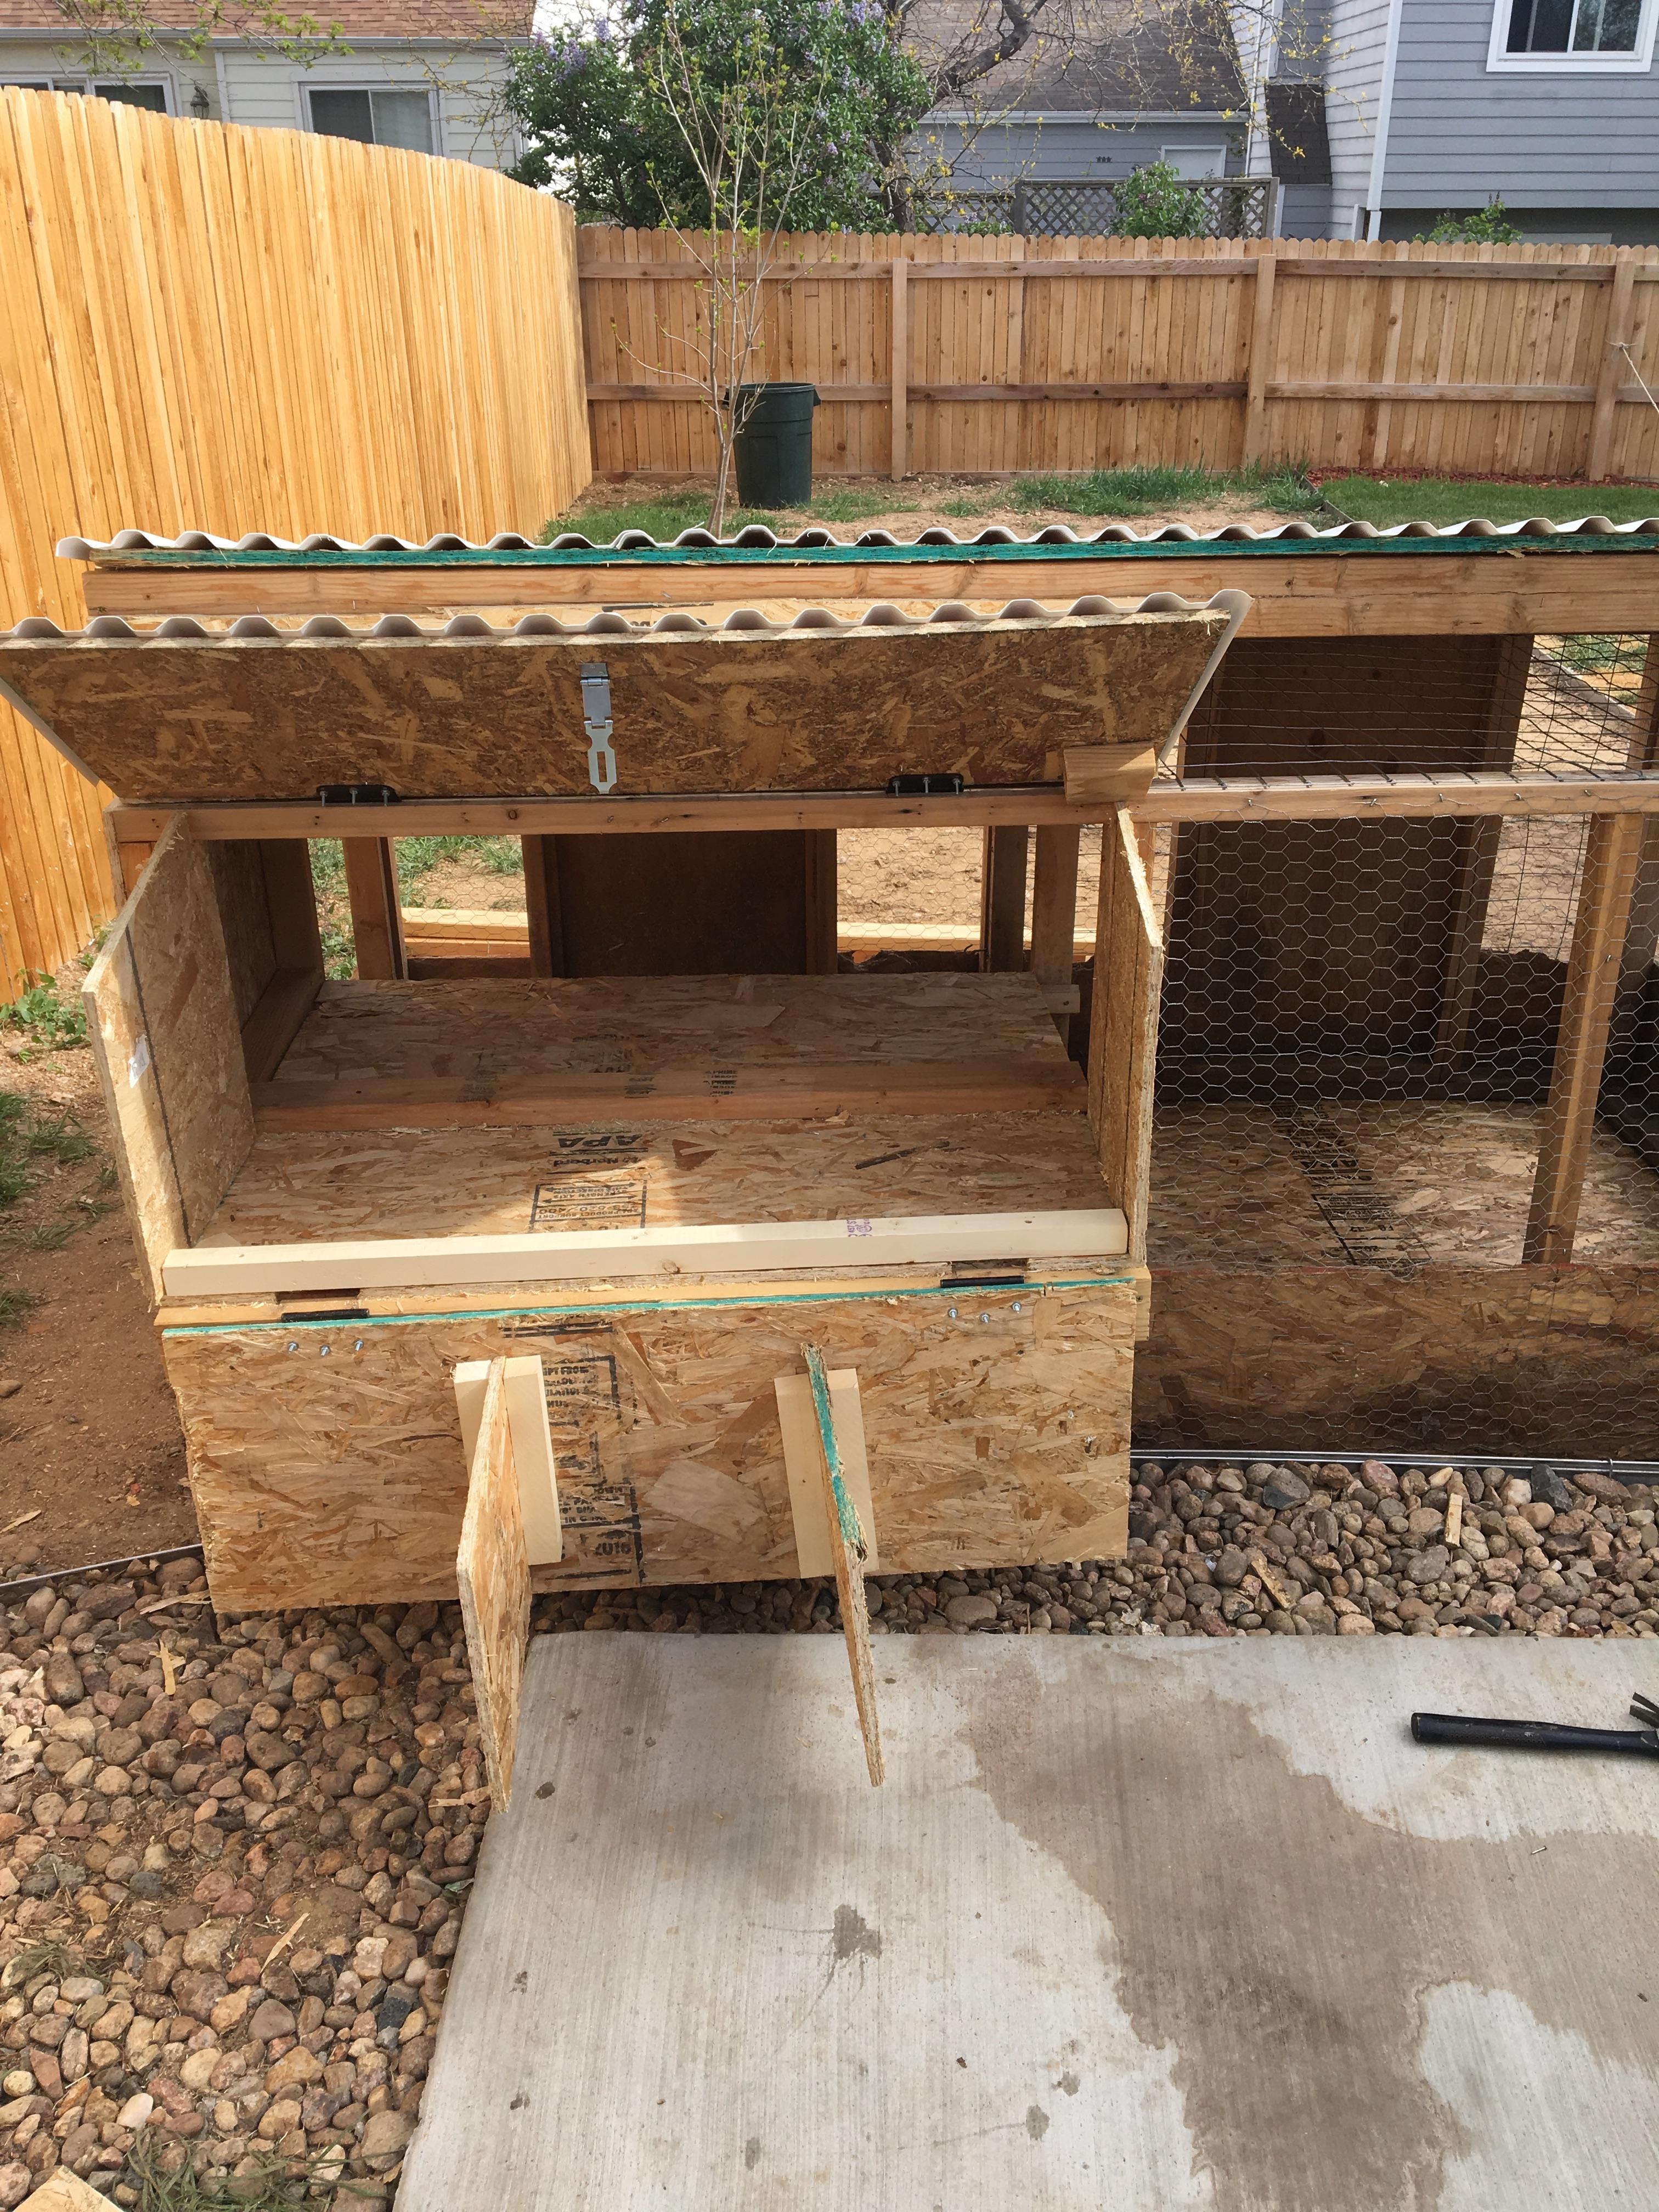 Nesting box installed